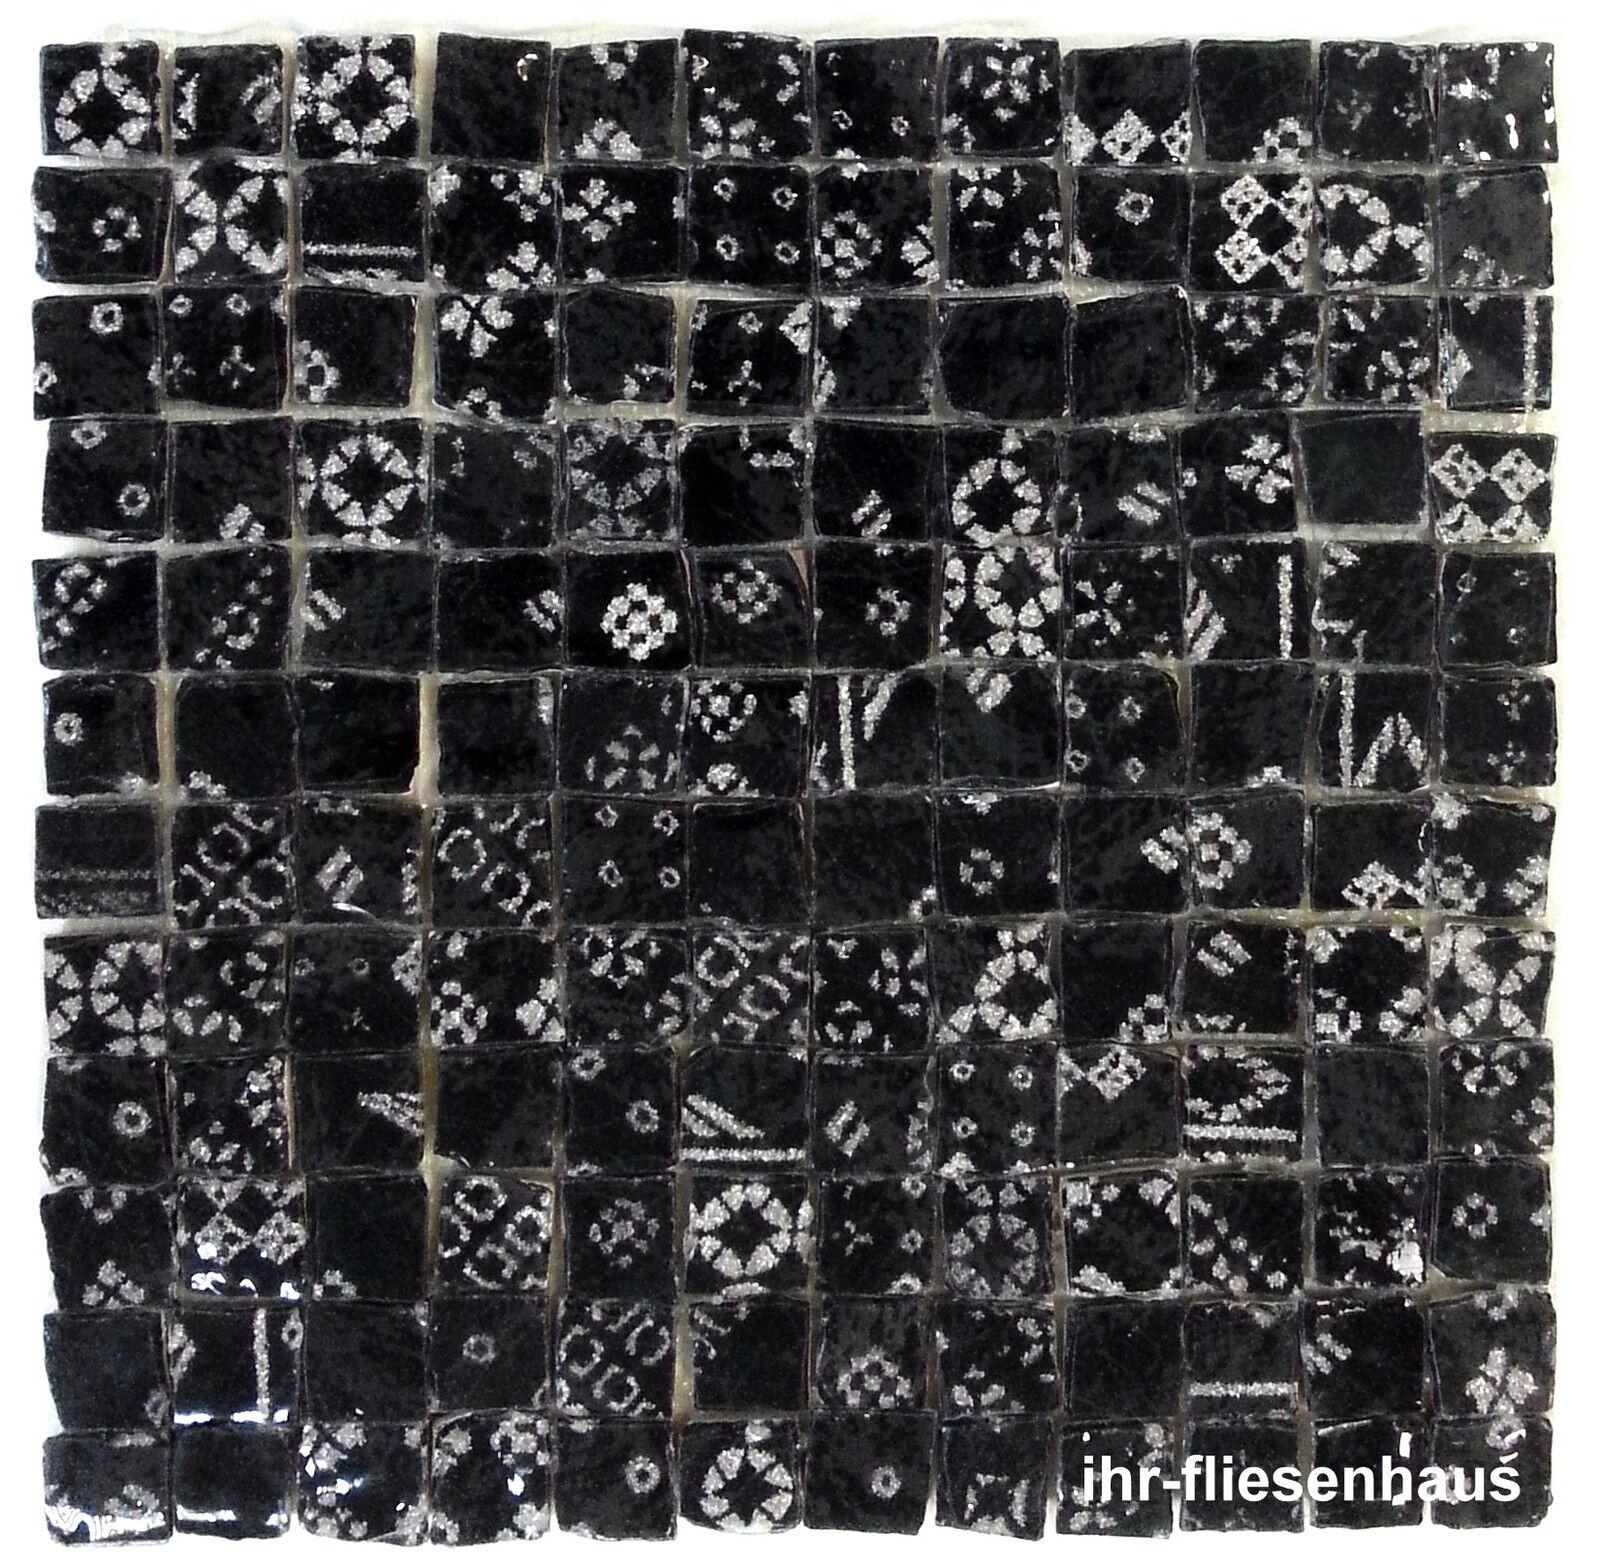 KER-AV Feinsteinzeug Mosaikfliese L154 Argento Nero Schwarz mit Glitzer 30x30cm